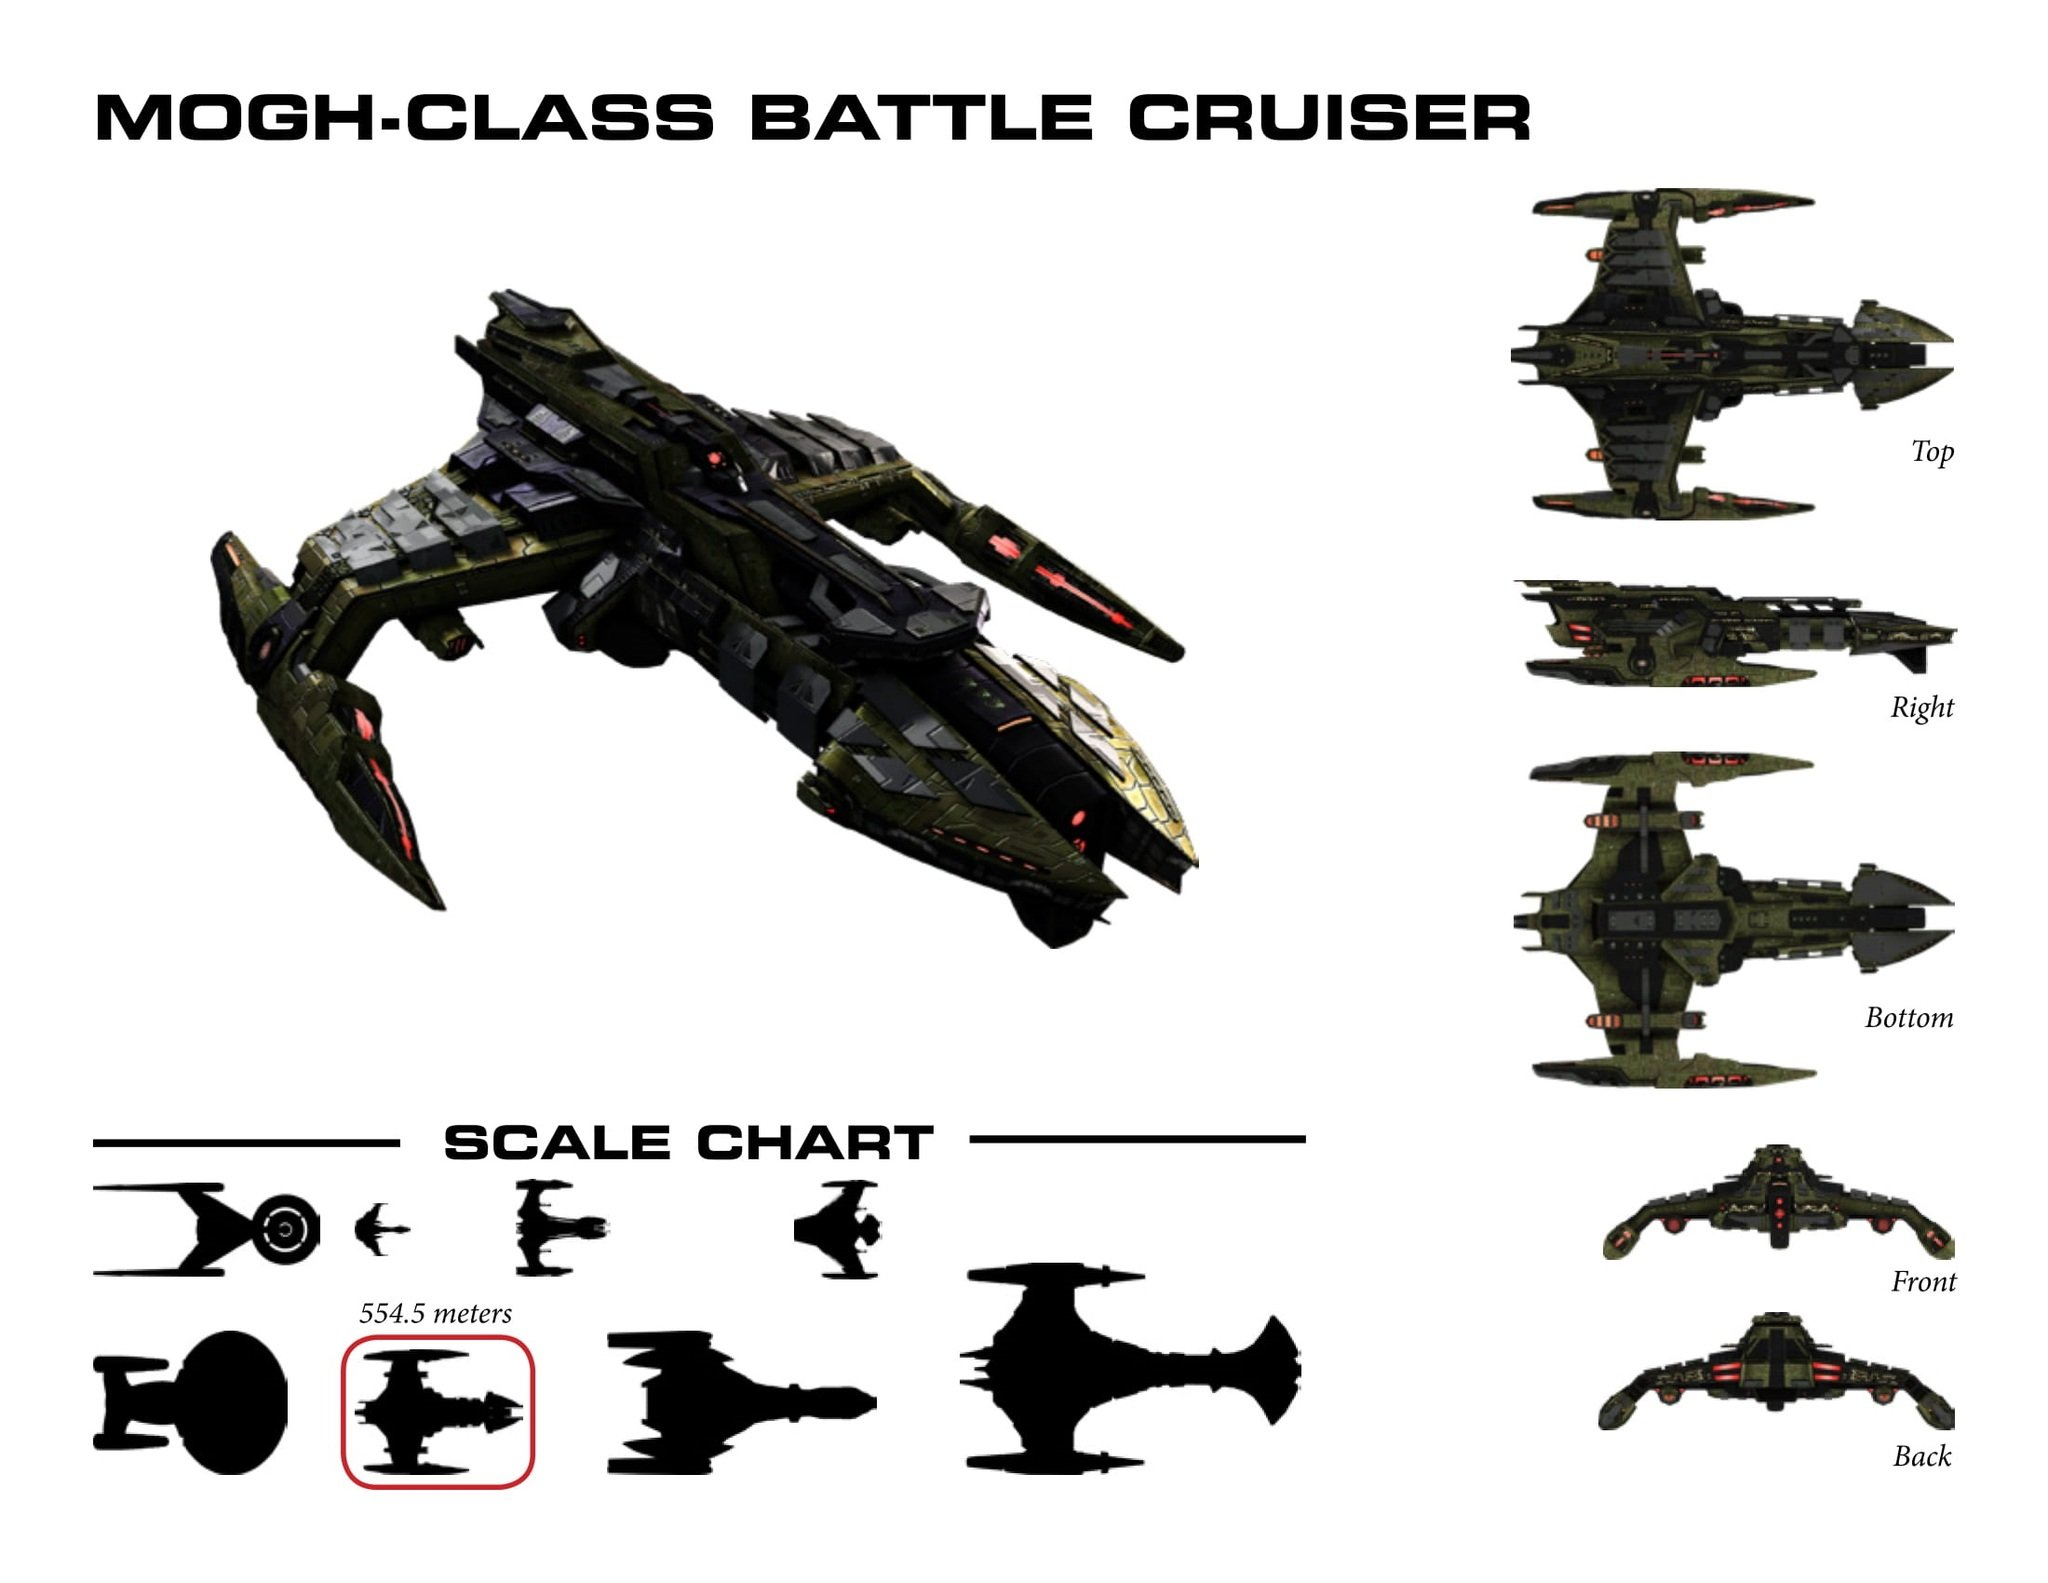 Mogh-Class Class Battlecruiser